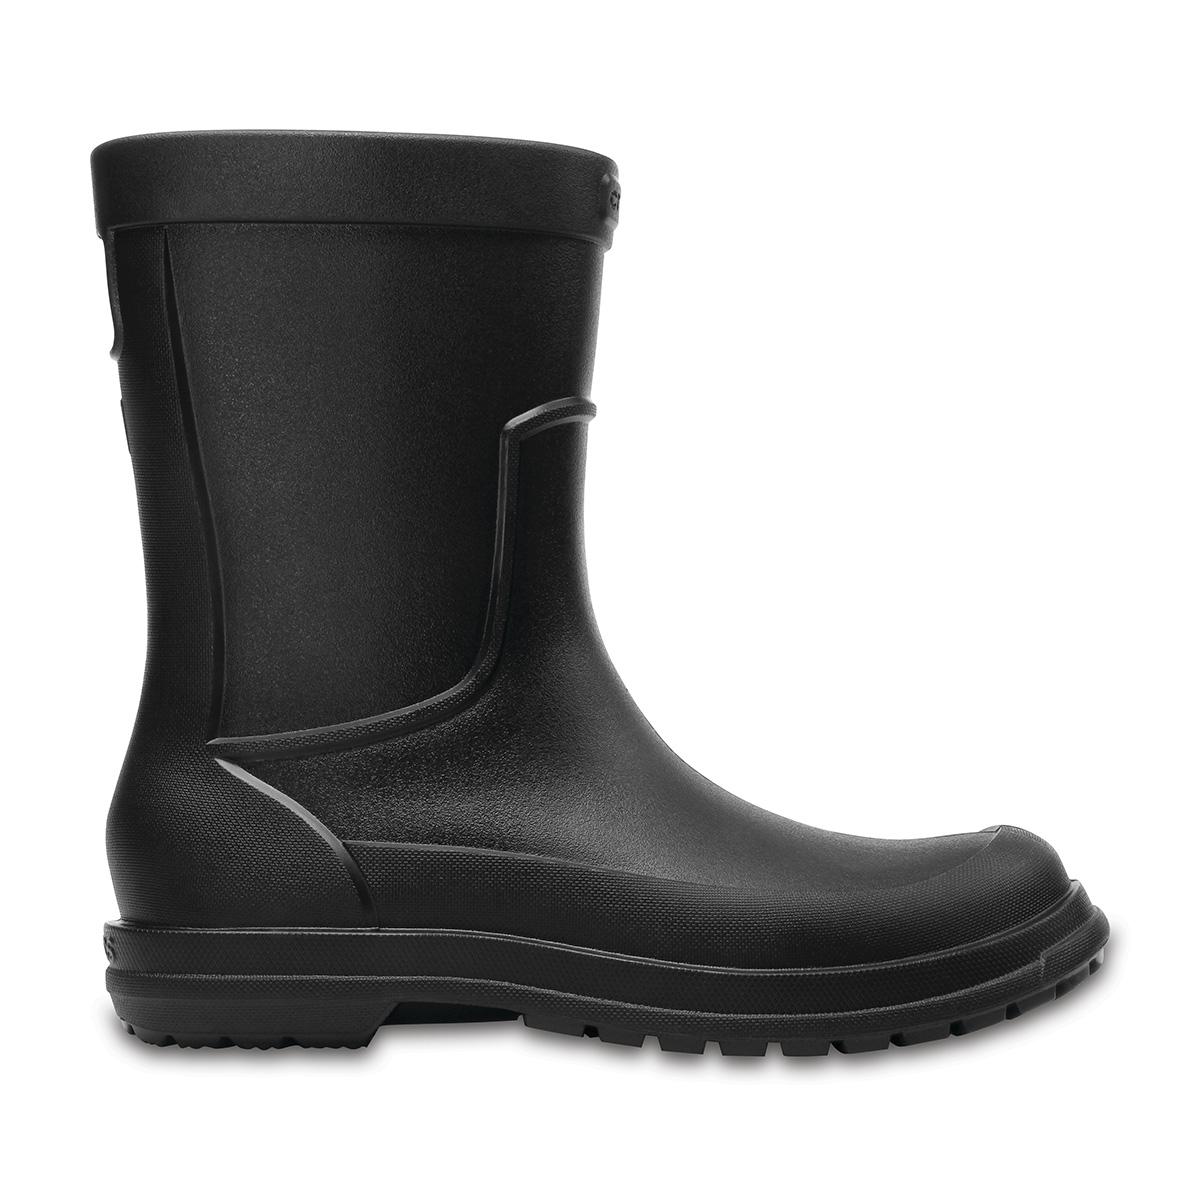 AllCast Rain Boot M - Siyah/Siyah